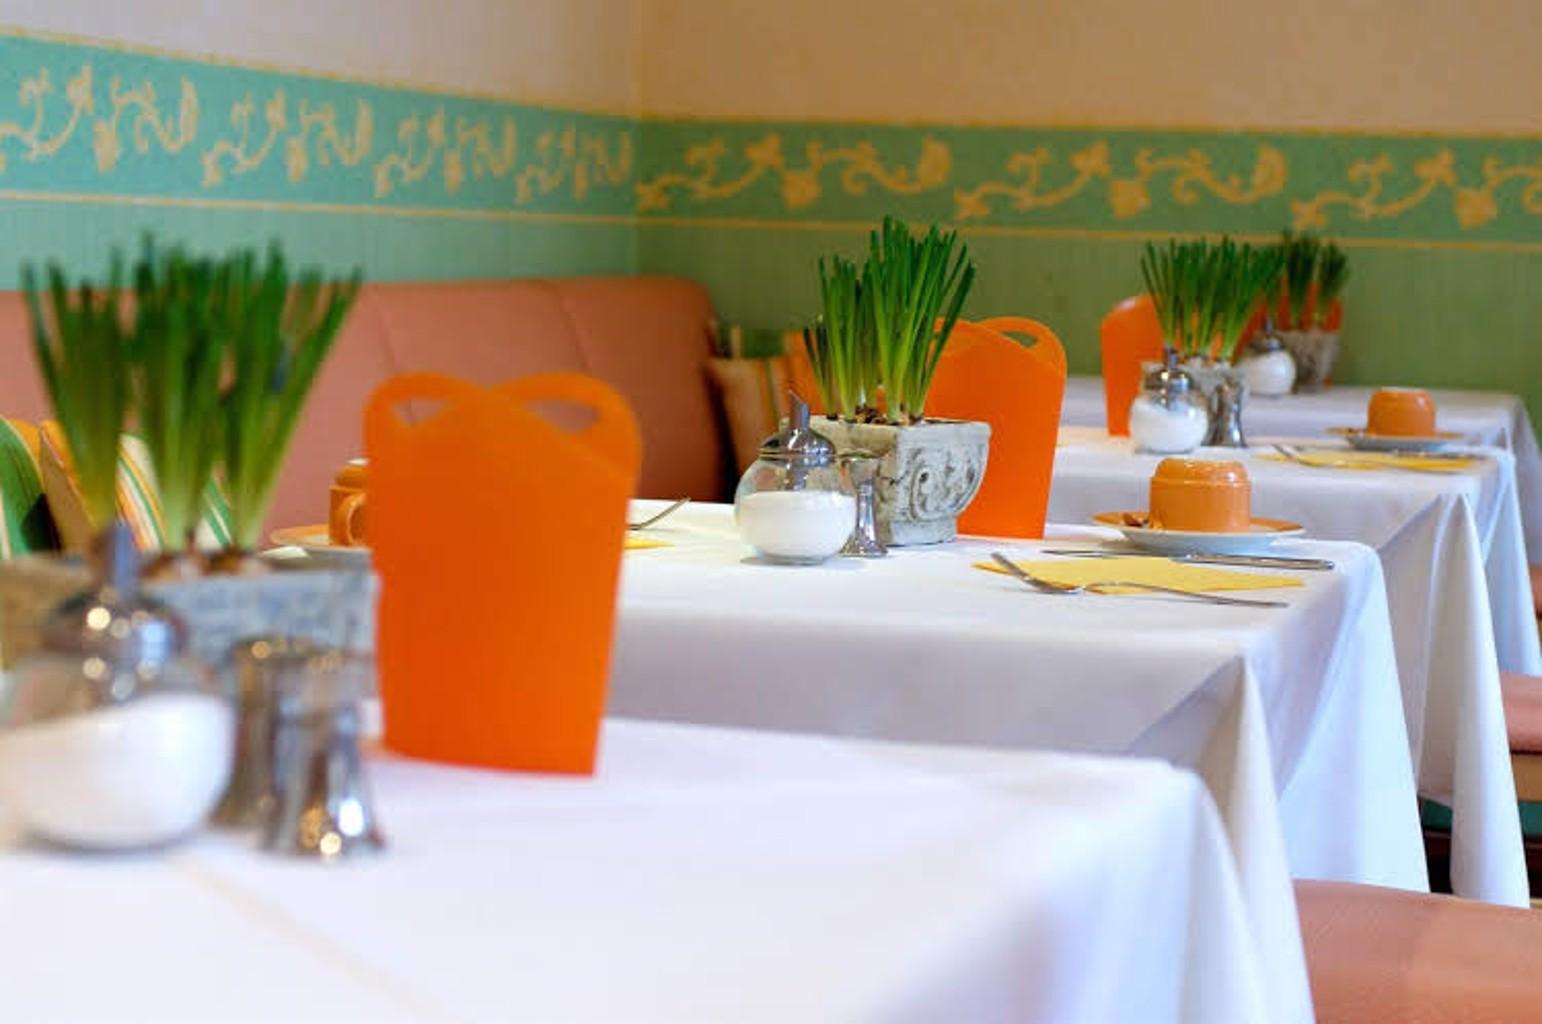 Gallery image of Hotel Trabener Hof